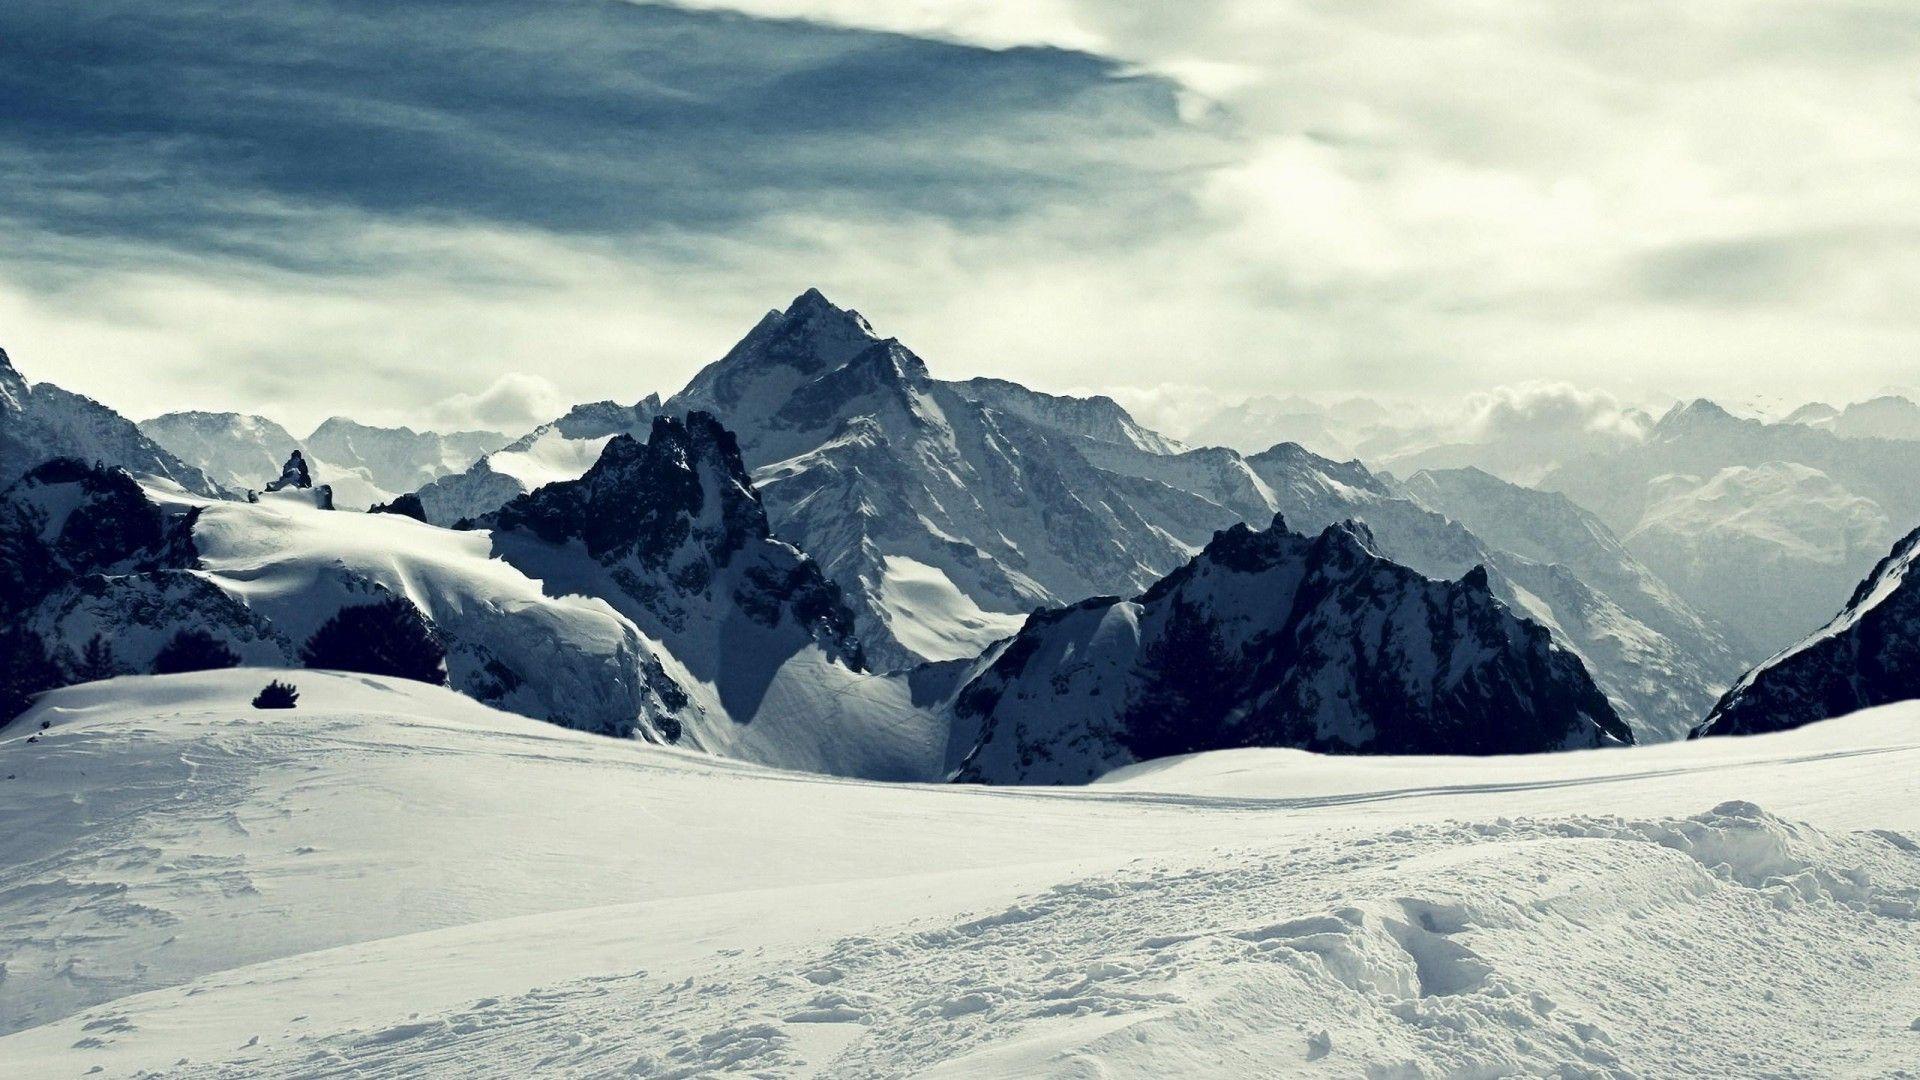 wallpaper.wiki-Snowy-Mountains-Wallpaper-PIC-WPE006880